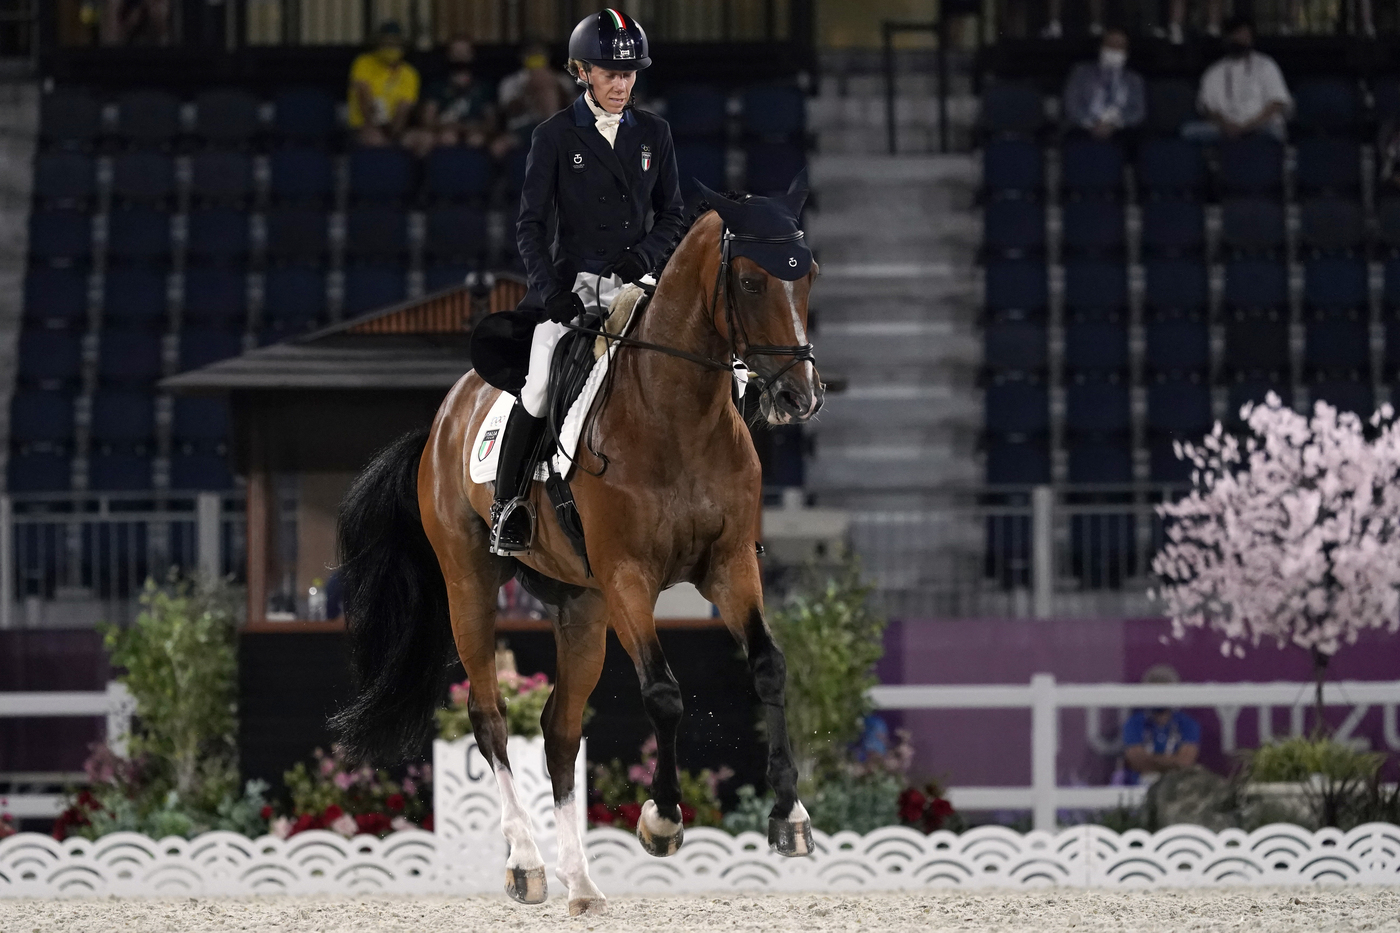 Equitazione, Campionati Italiani completo 2021: Bertoli davanti a Roman e Bordone dopo il dressage